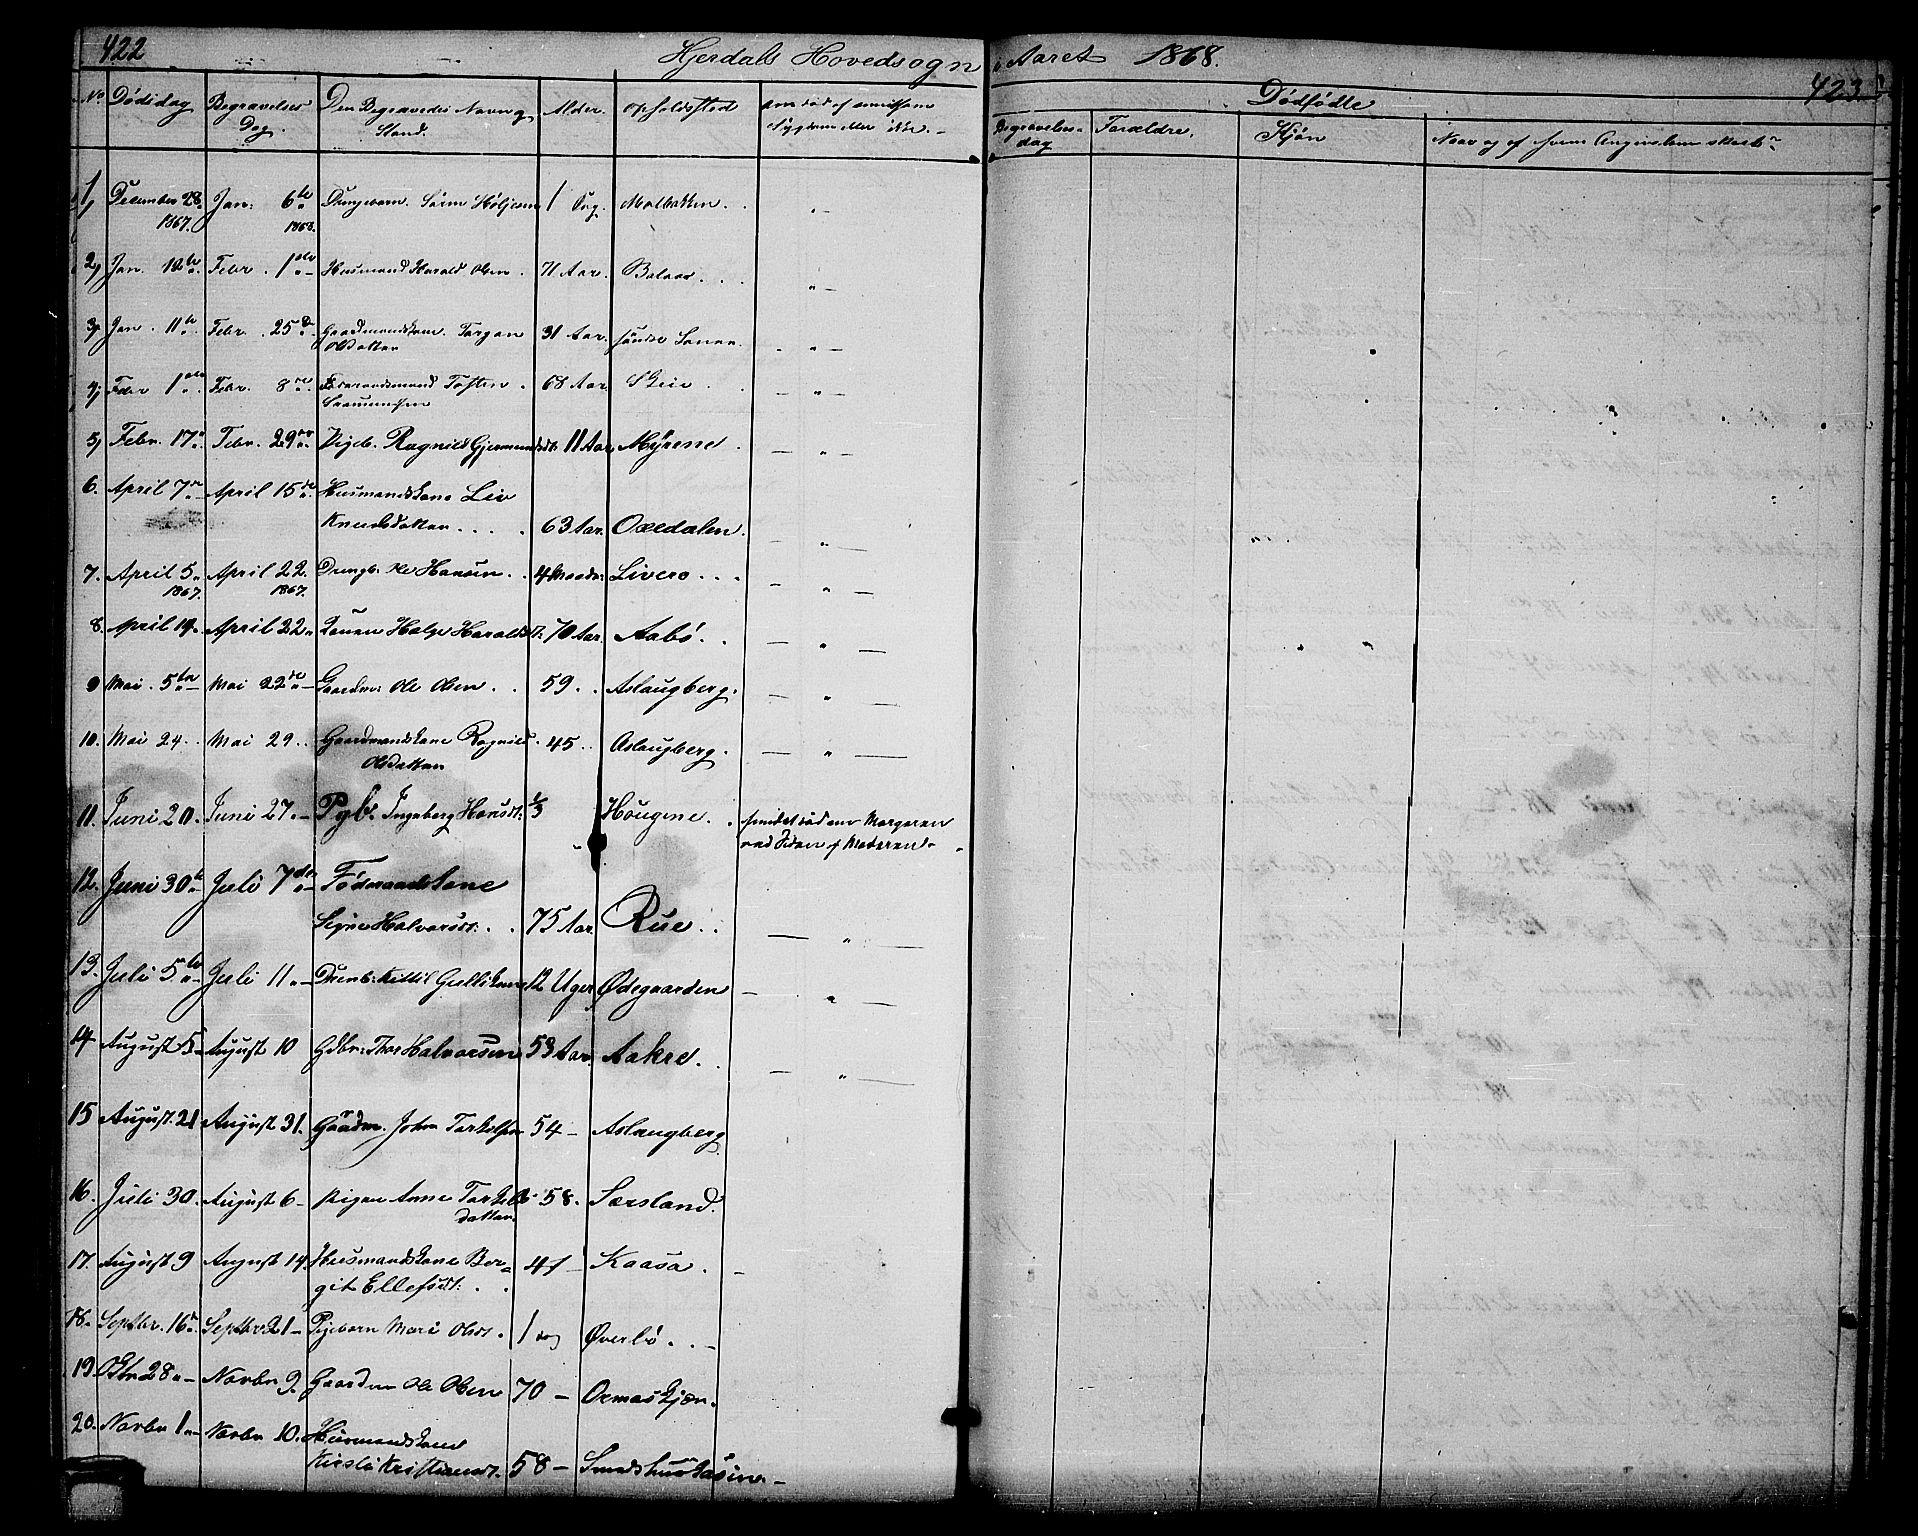 SAKO, Hjartdal kirkebøker, G/Ga/L0002: Klokkerbok nr. I 2, 1854-1888, s. 422-423